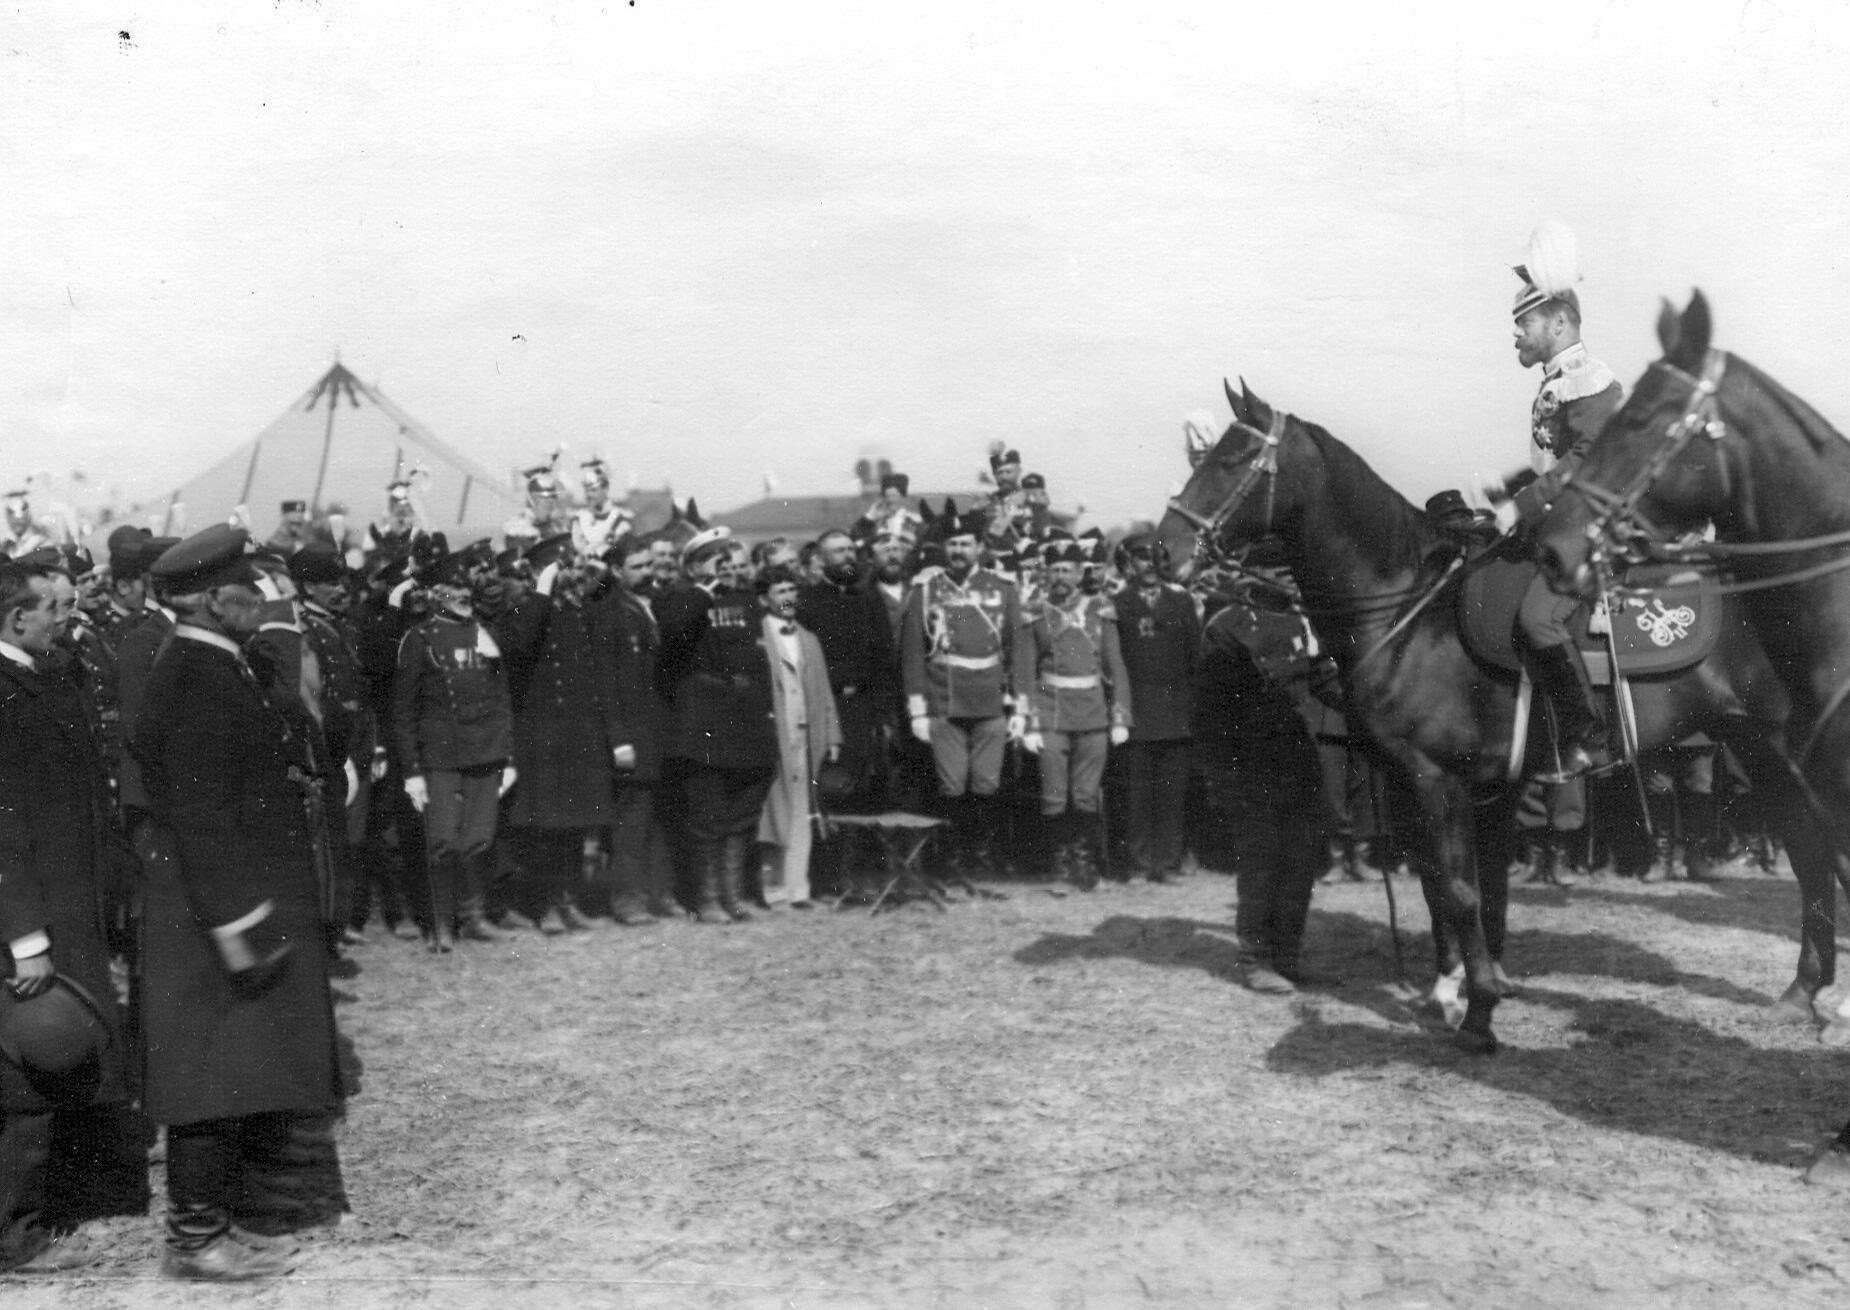 Гости и ветераны полка приветствуют императора Николая II одетого в уланский мундир